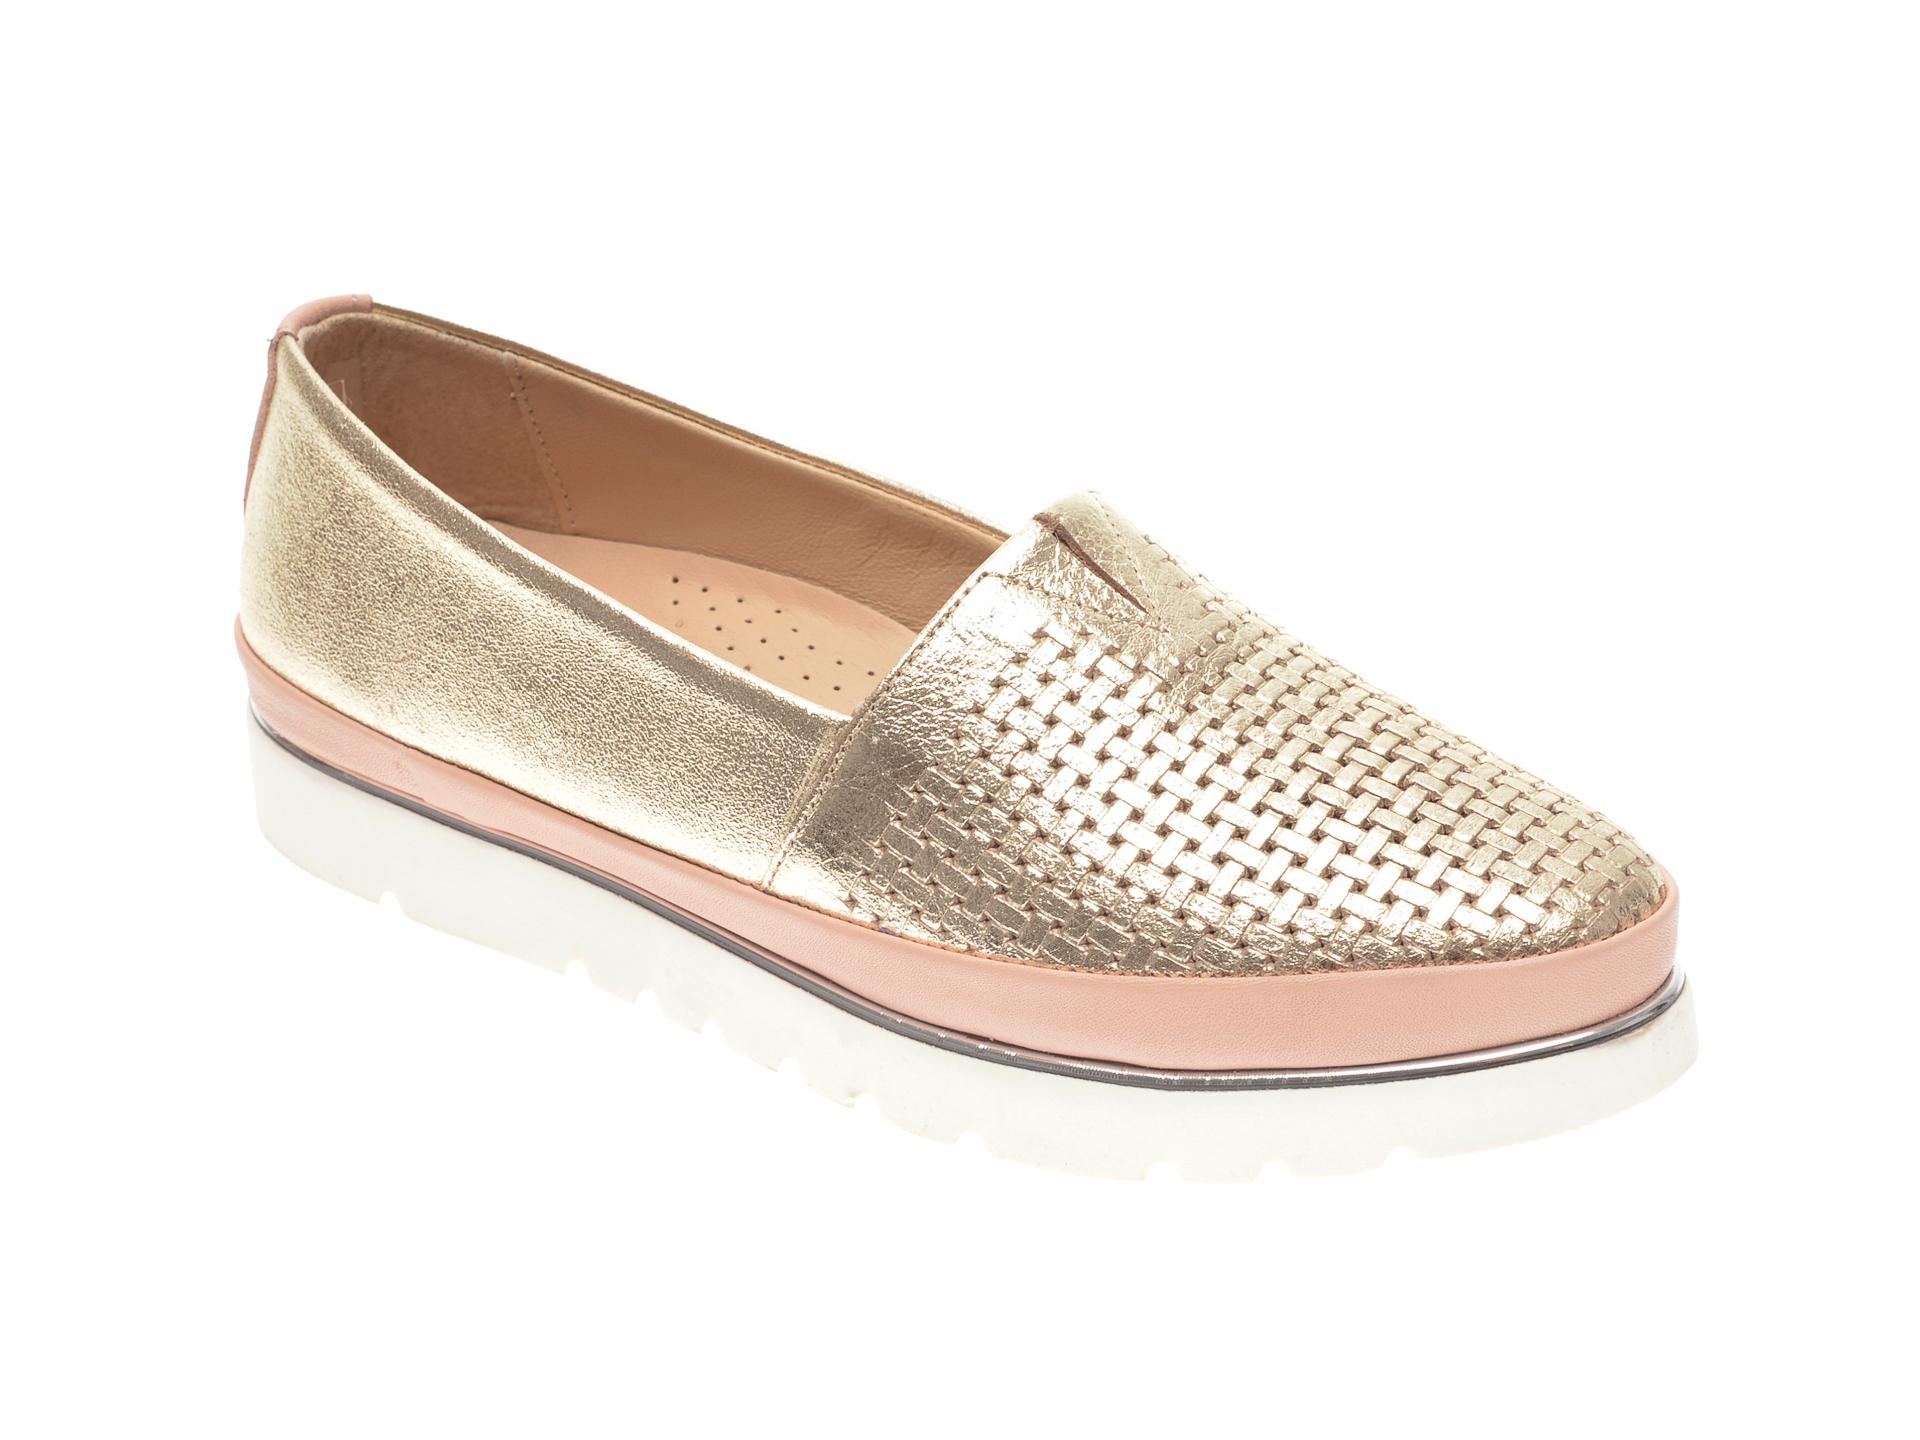 Pantofi FLAVIA PASSINI aurii, 14400, din piele naturala imagine